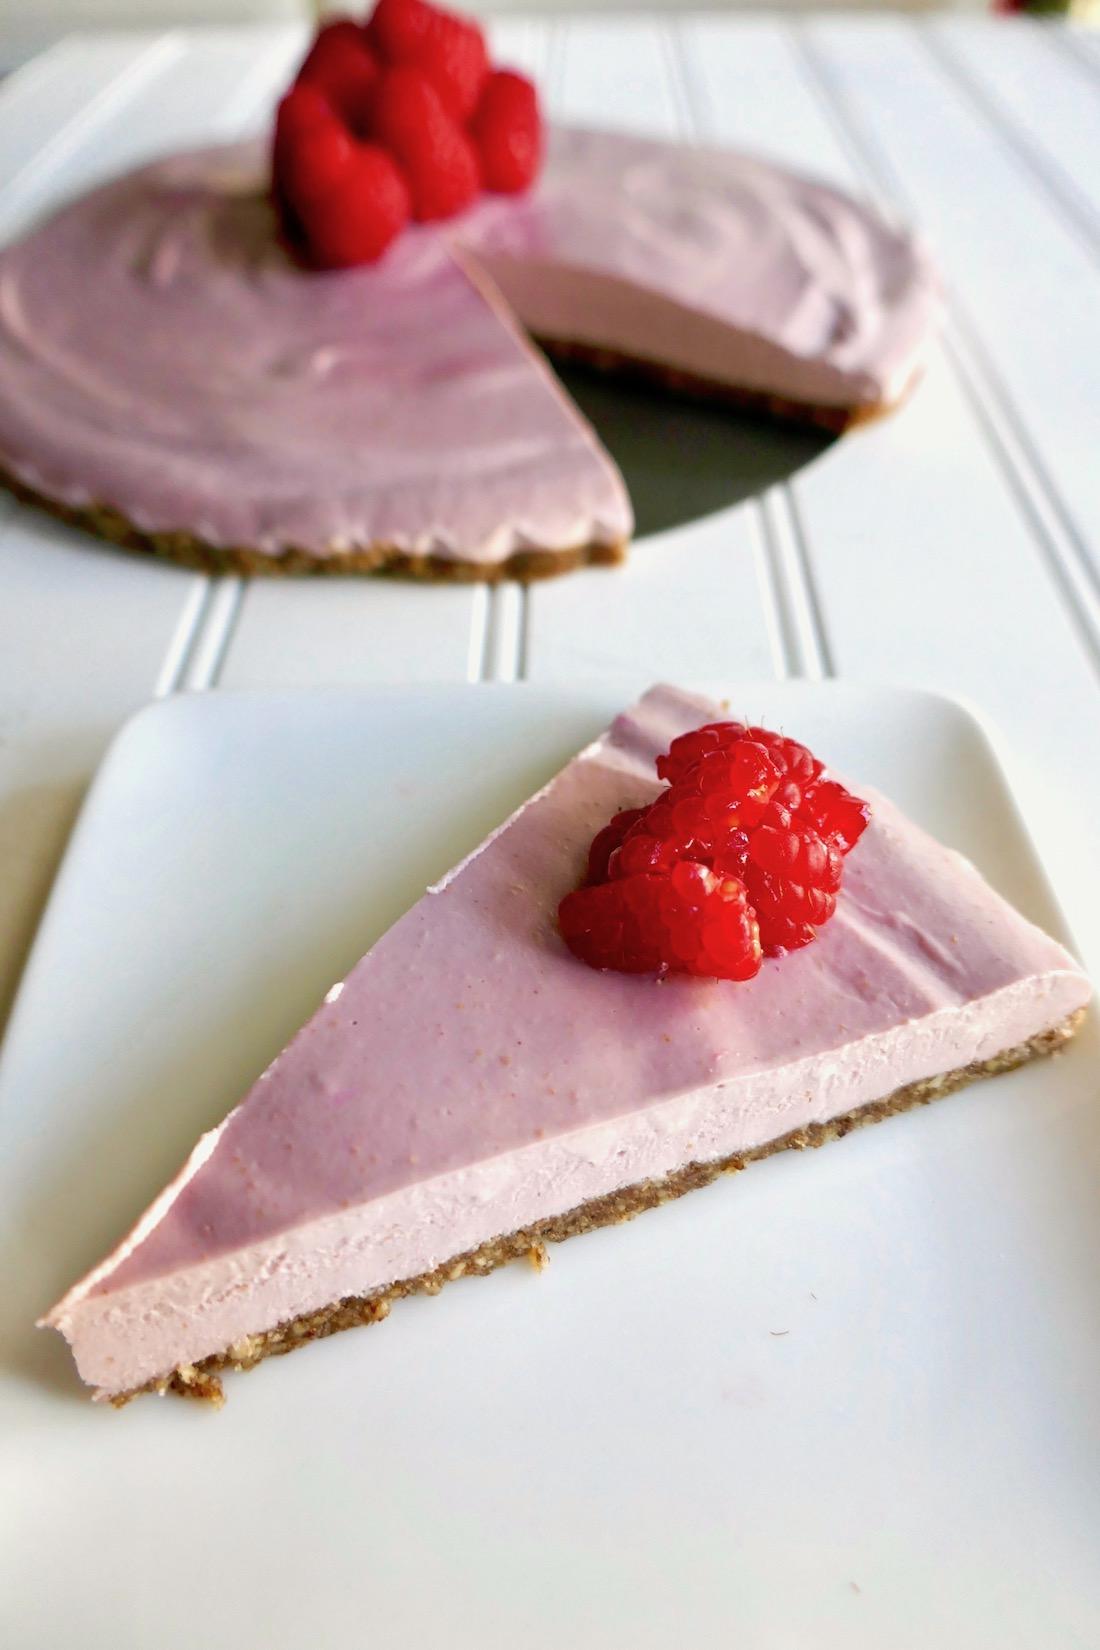 Gluten free vegan raspberry cheesecake